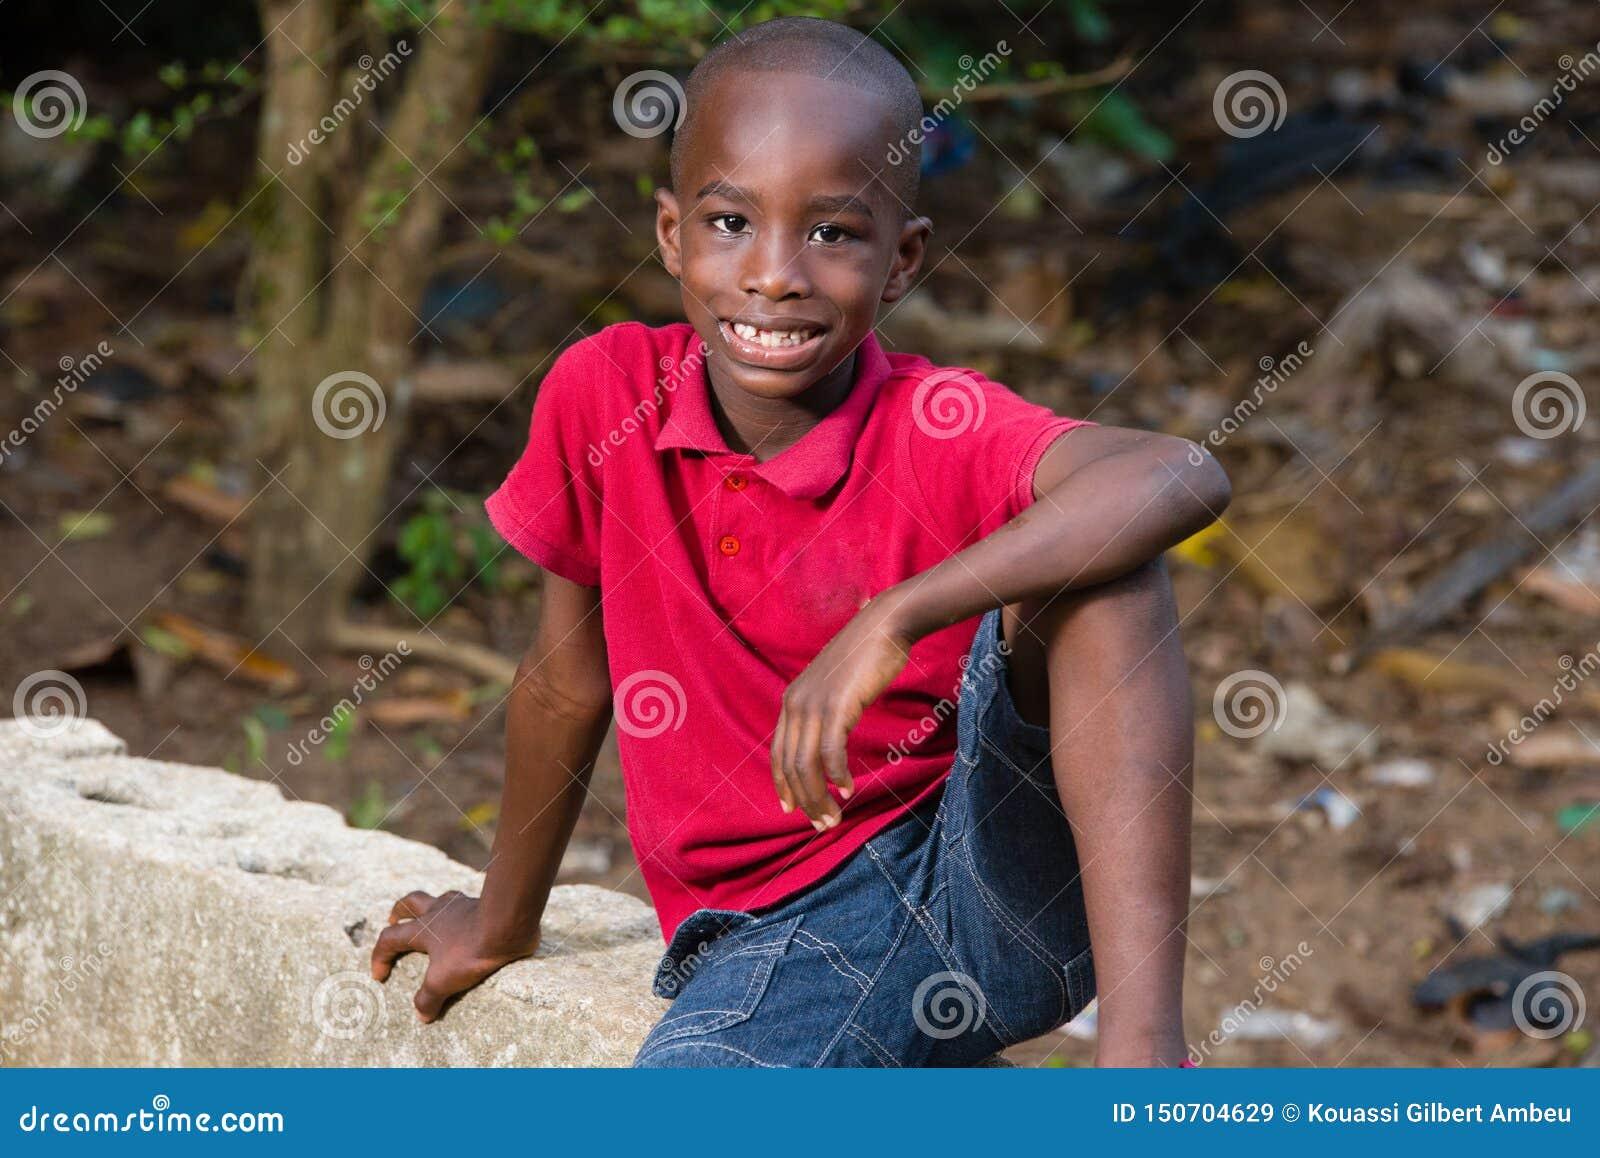 Happy little boy sitting alone outside